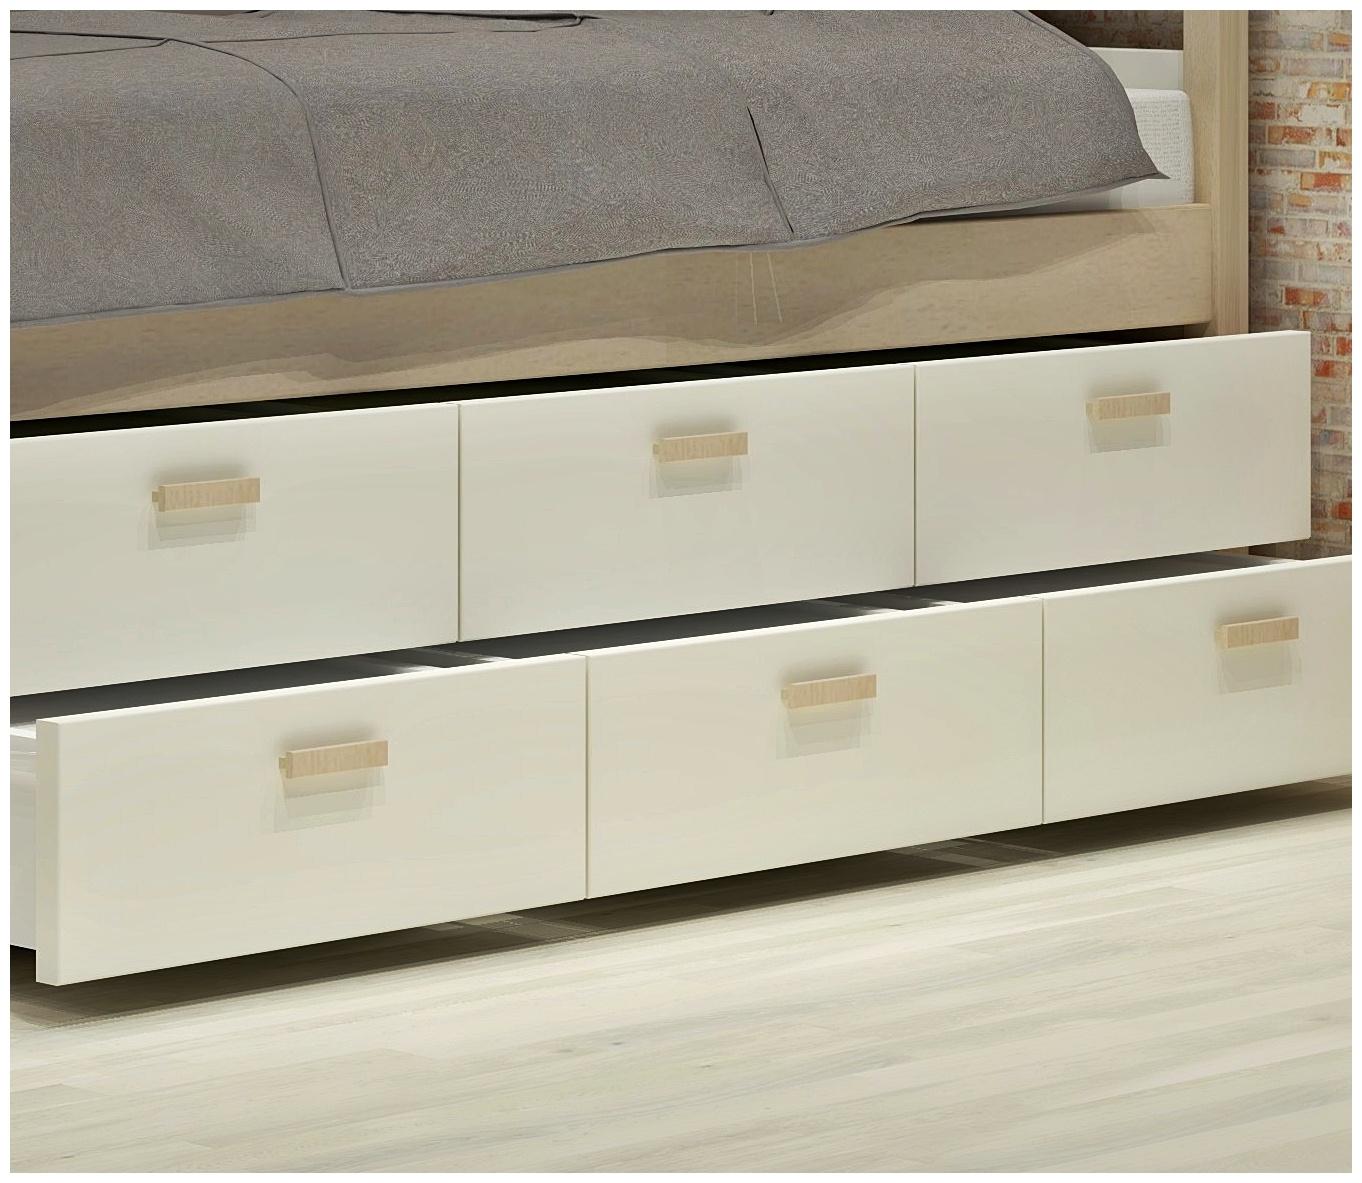 Κρεβάτια με 2 σειρές συρταριών